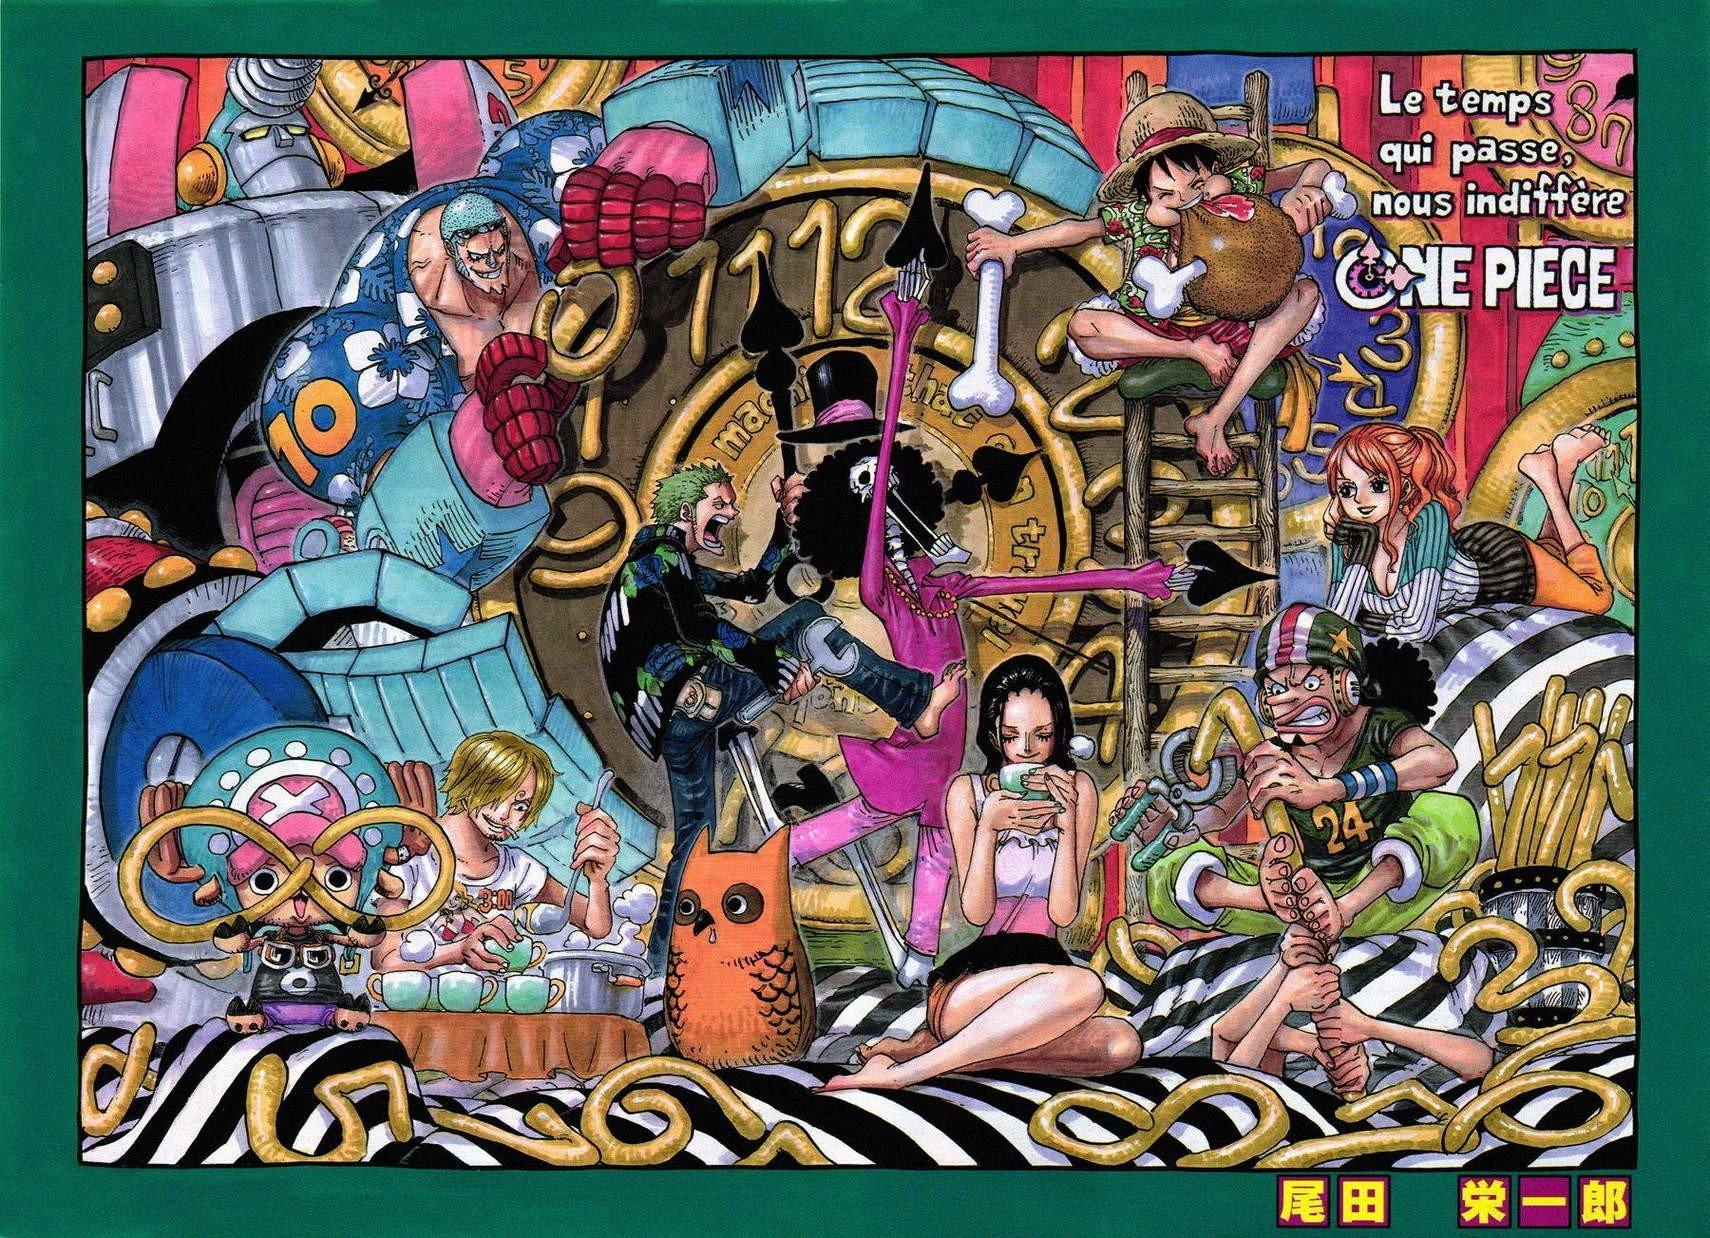 One Piece, Monkey D. Luffy, Nami, Roronoa Zoro, Usopp, Nico Robin, Sanji, Tony Tony Chopper Wallpaper